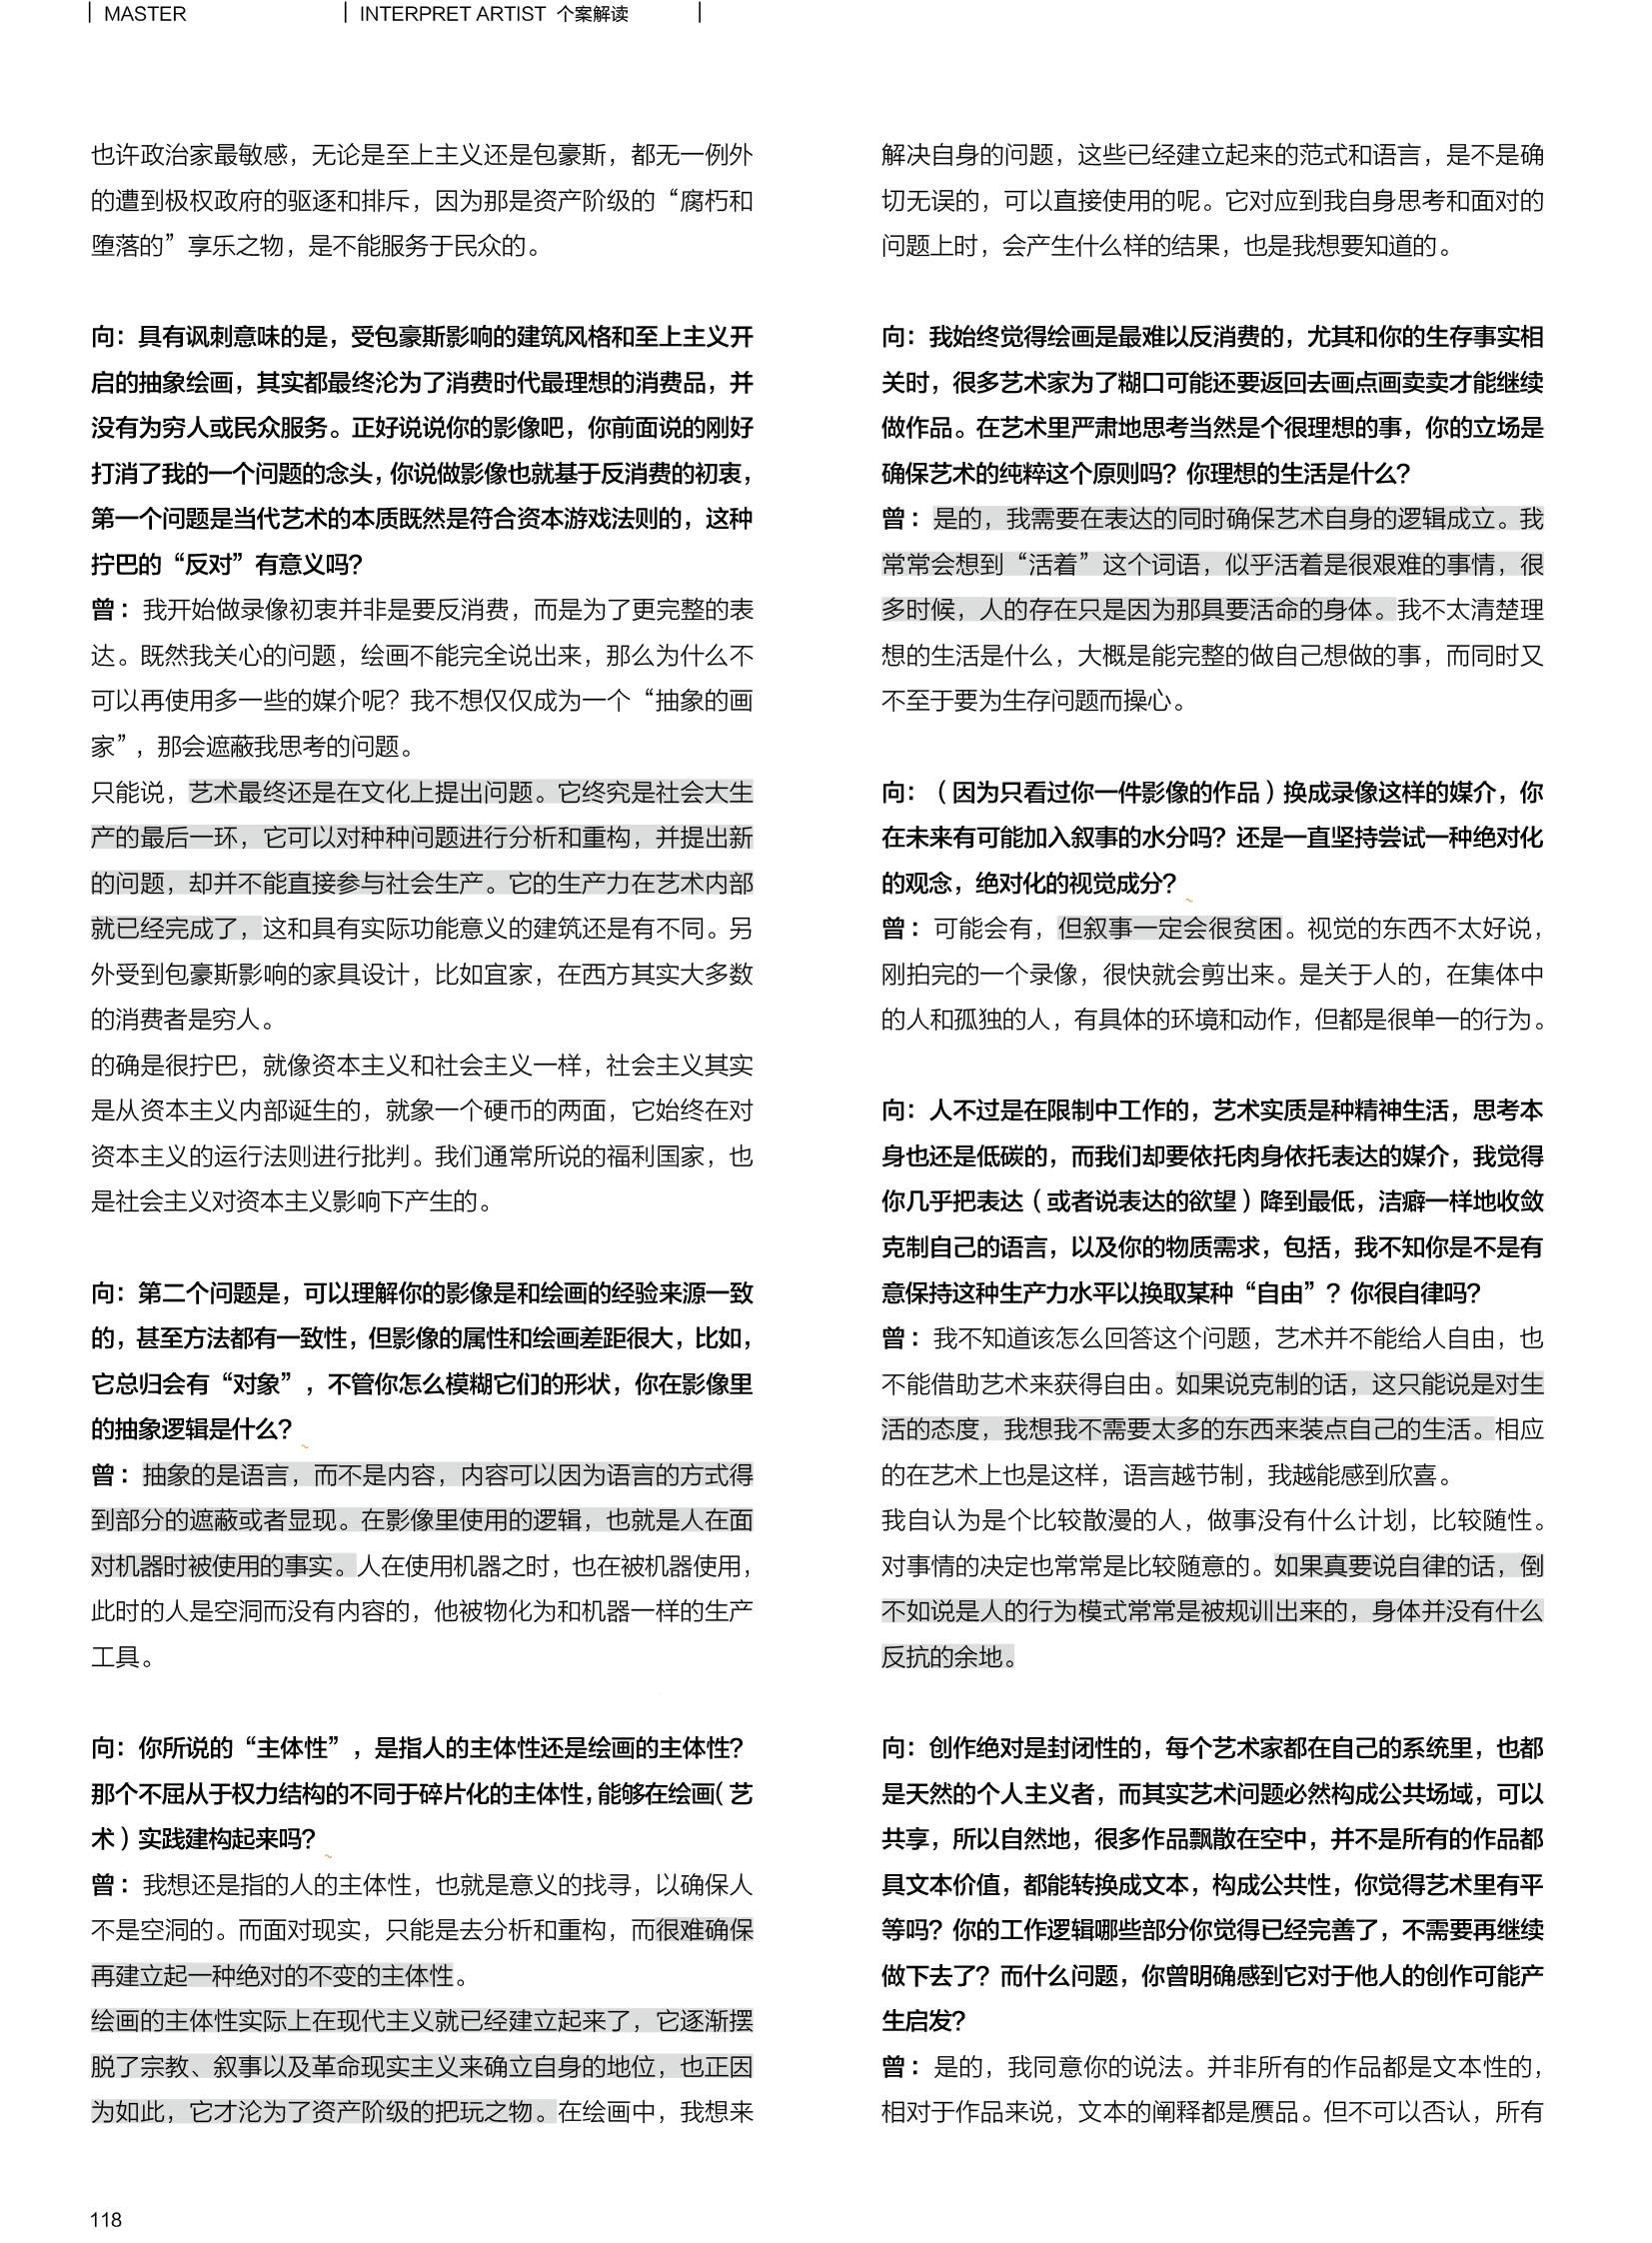 曾宏-9.jpg